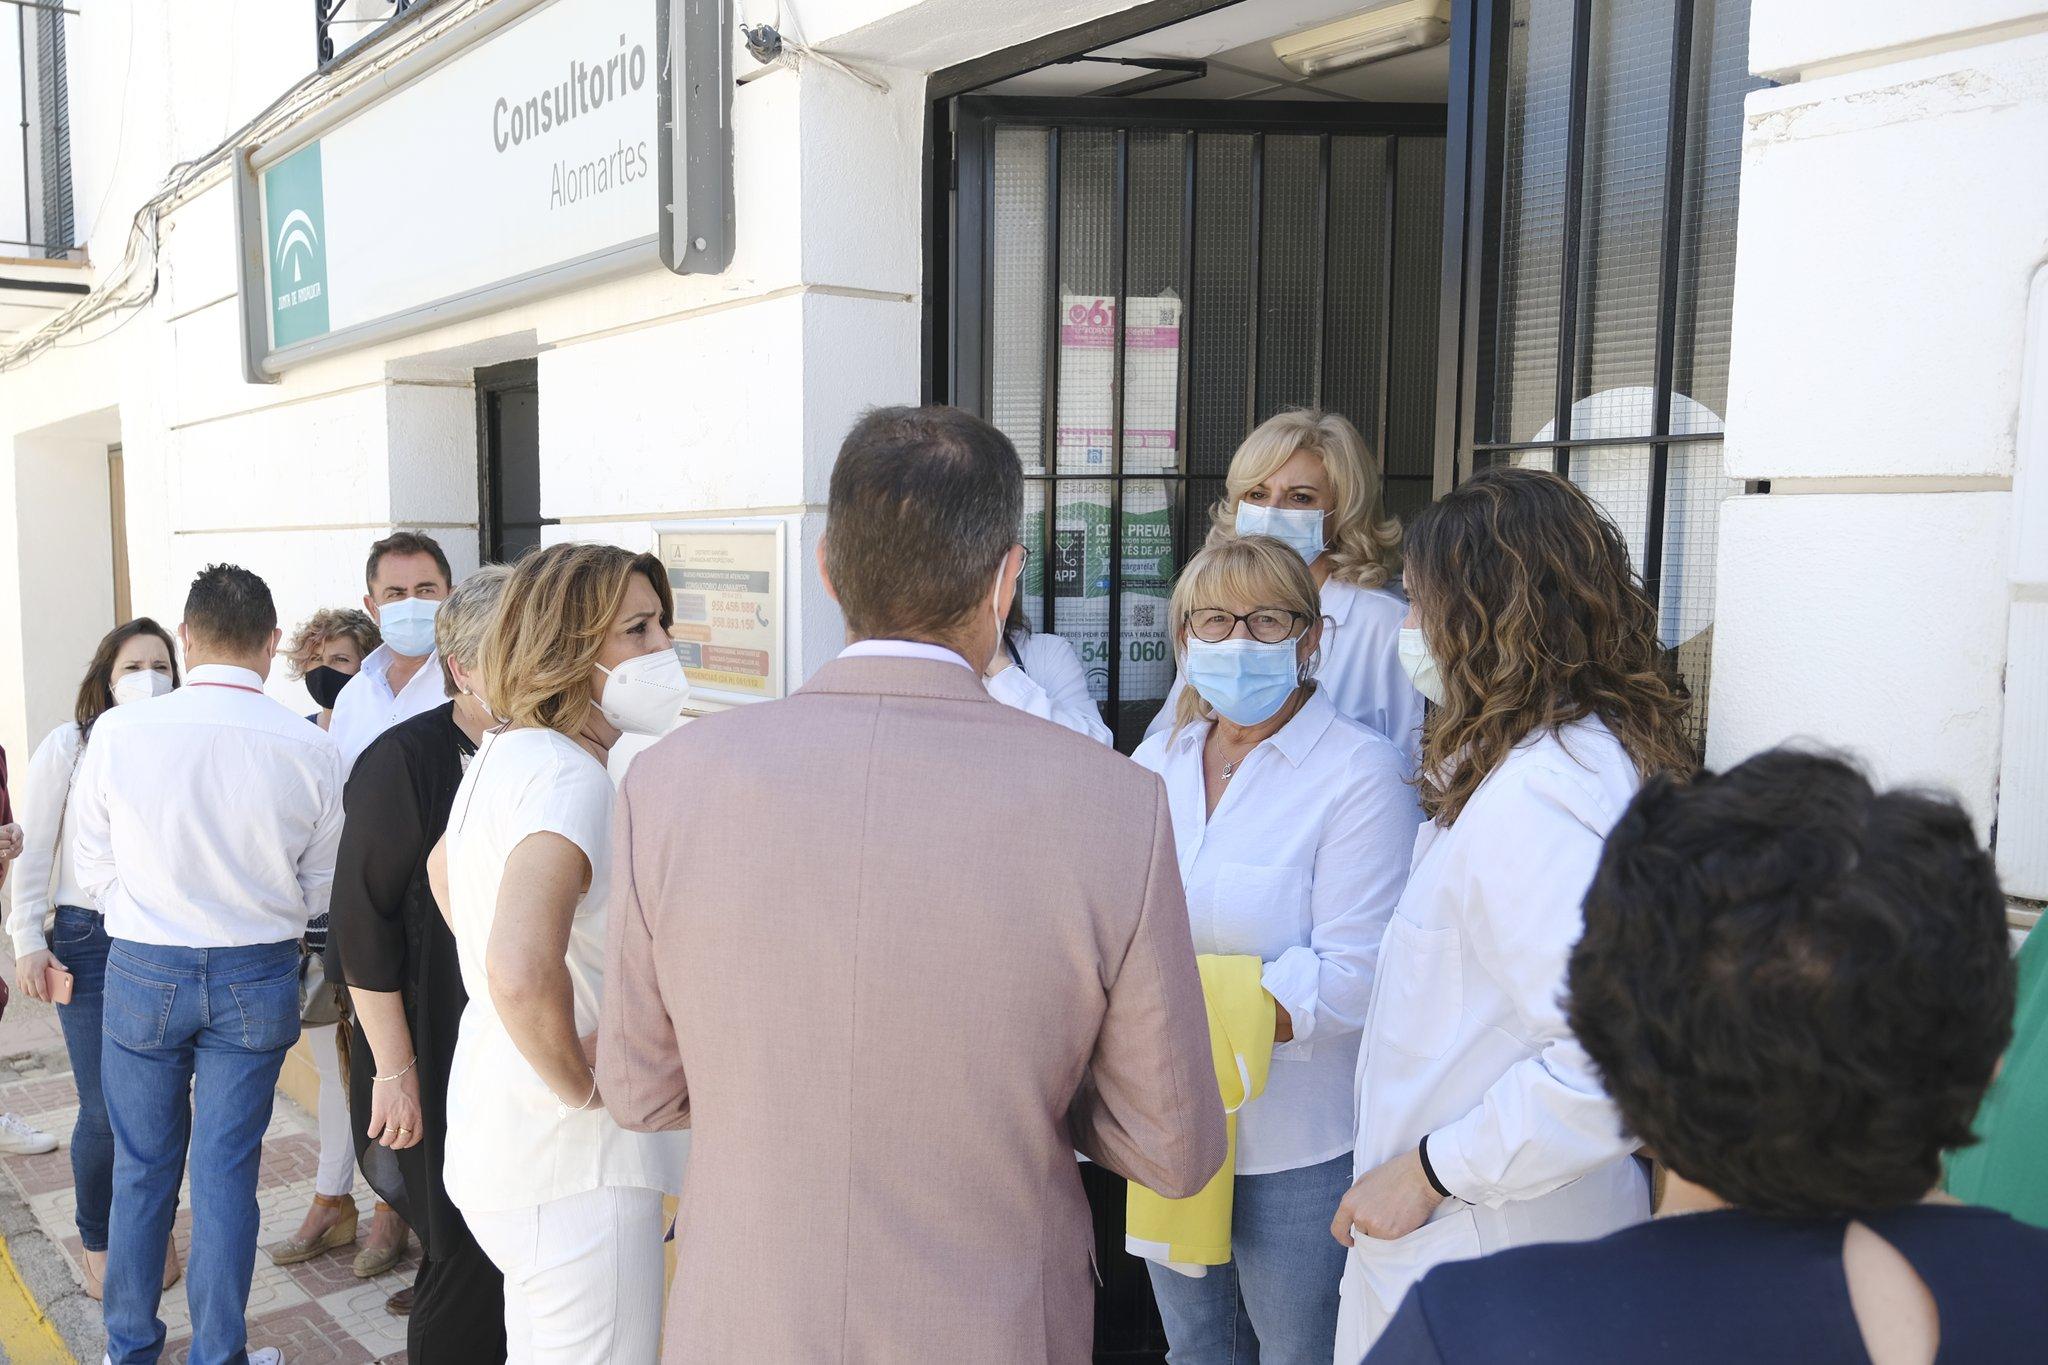 Díaz exige a Moreno un consultorio médico «digno, en condiciones y que cubra las necesidades» de Alomartes